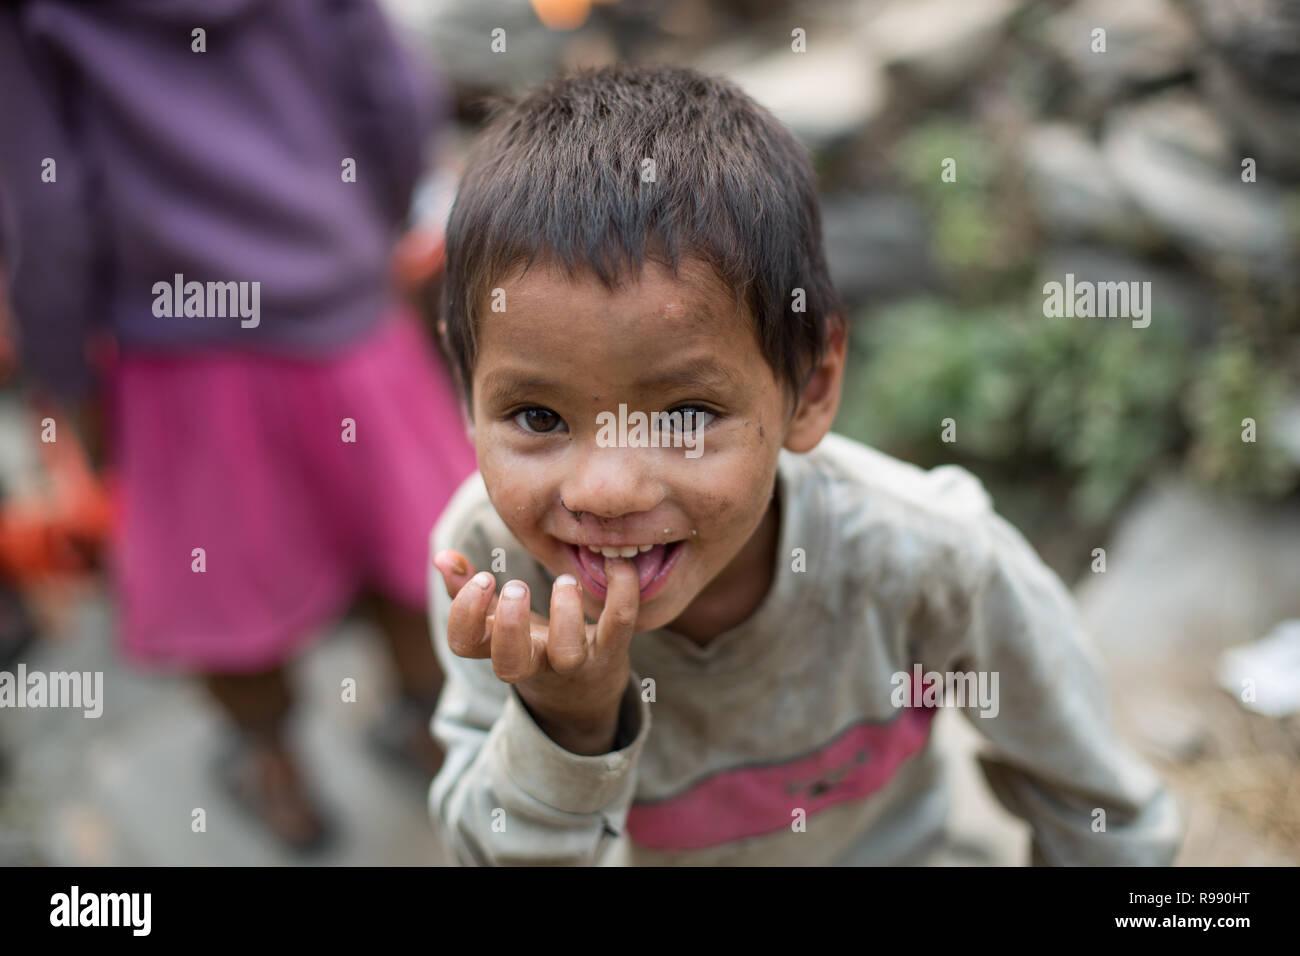 Chico nepalí sonrisa y hace mueca Imagen De Stock